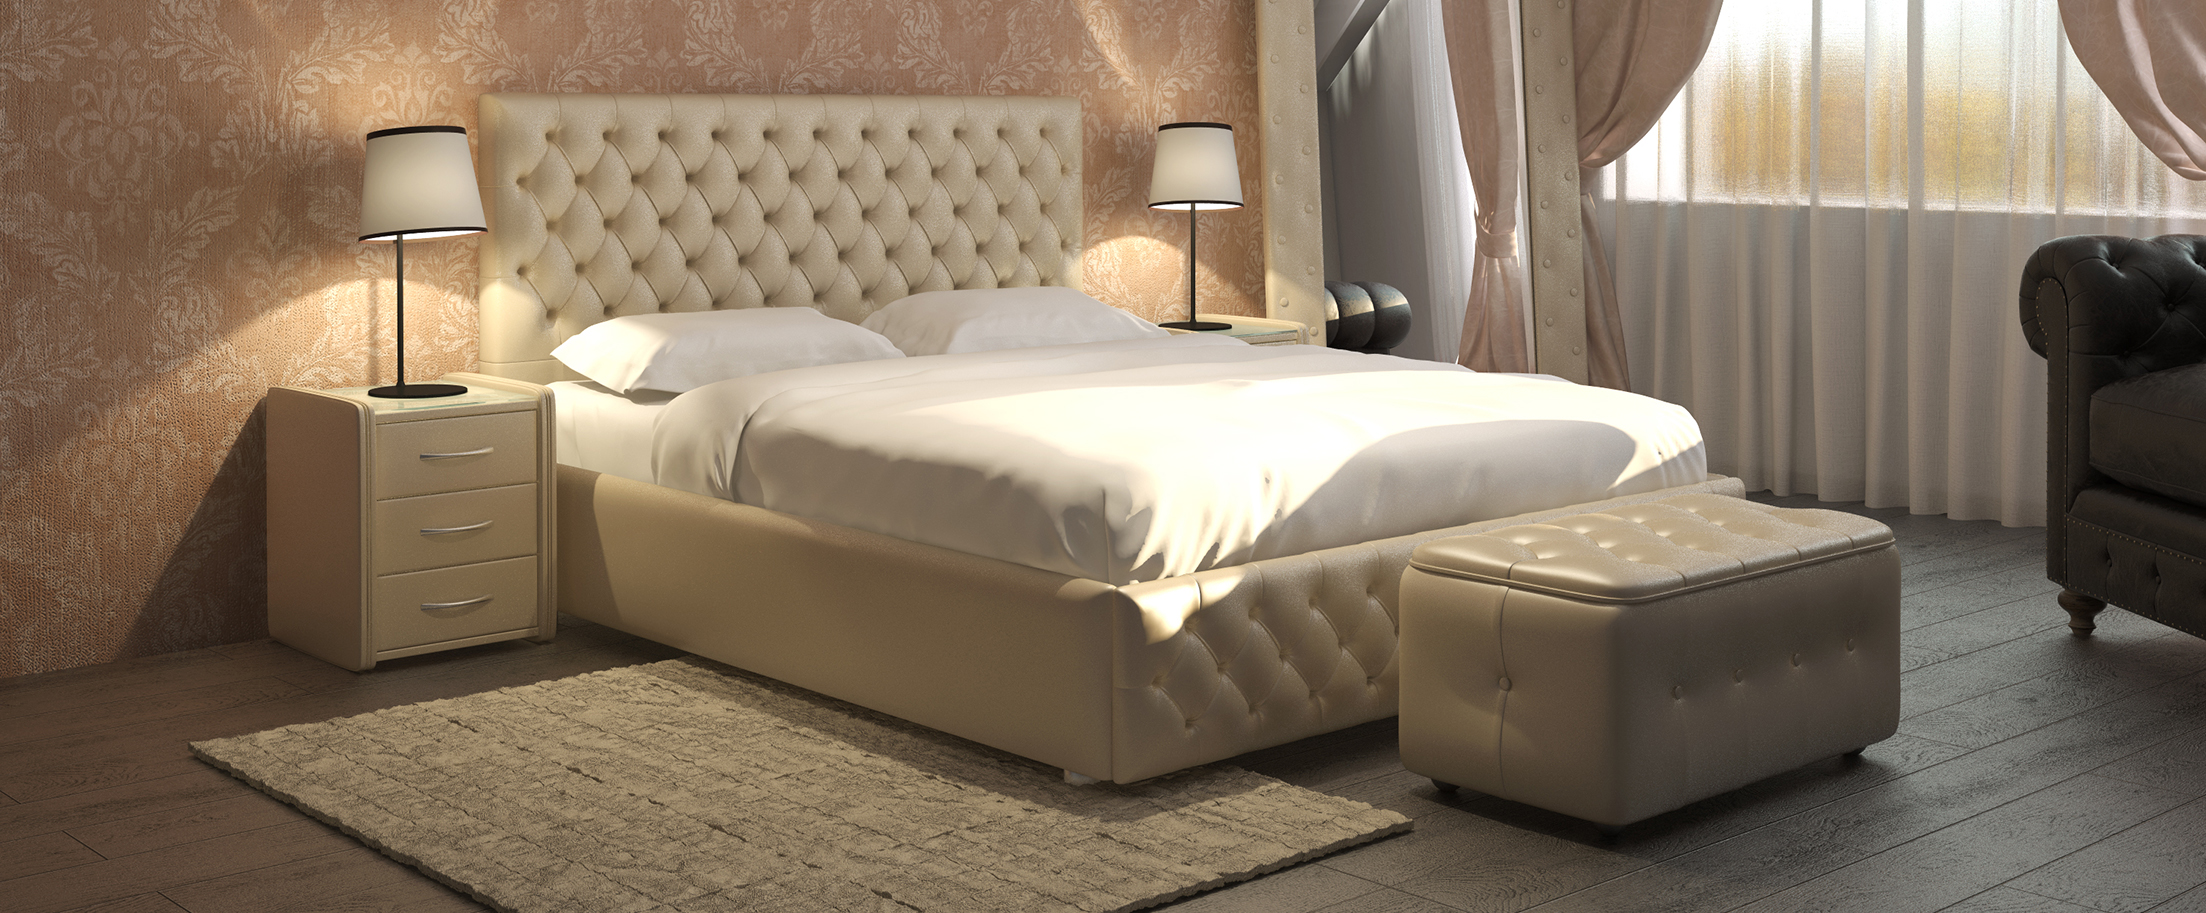 Кровать двуспальная Купол Тысячелетия Модель 385Роскошная кровать с глубокими утяжками на спинке и передней царге сочетает в себе романтику и комфорт, нежность и уверенную в себе красоту. Создаст неповторимую атмосферу уюта и спокойствия в Вашей спальне.<br><br>Ширина см: 155<br>Глубина см: 218<br>Высота см: 110<br>Ширина спального места см: 140<br>Длина спального места см: 200<br>Подъемный механизм: Есть<br>Материал каркаса: ДСП<br>Материал обивки: Экокожа<br>Цвет: Бежевый<br>Код ткани: Рожь<br>Бренд: Другие